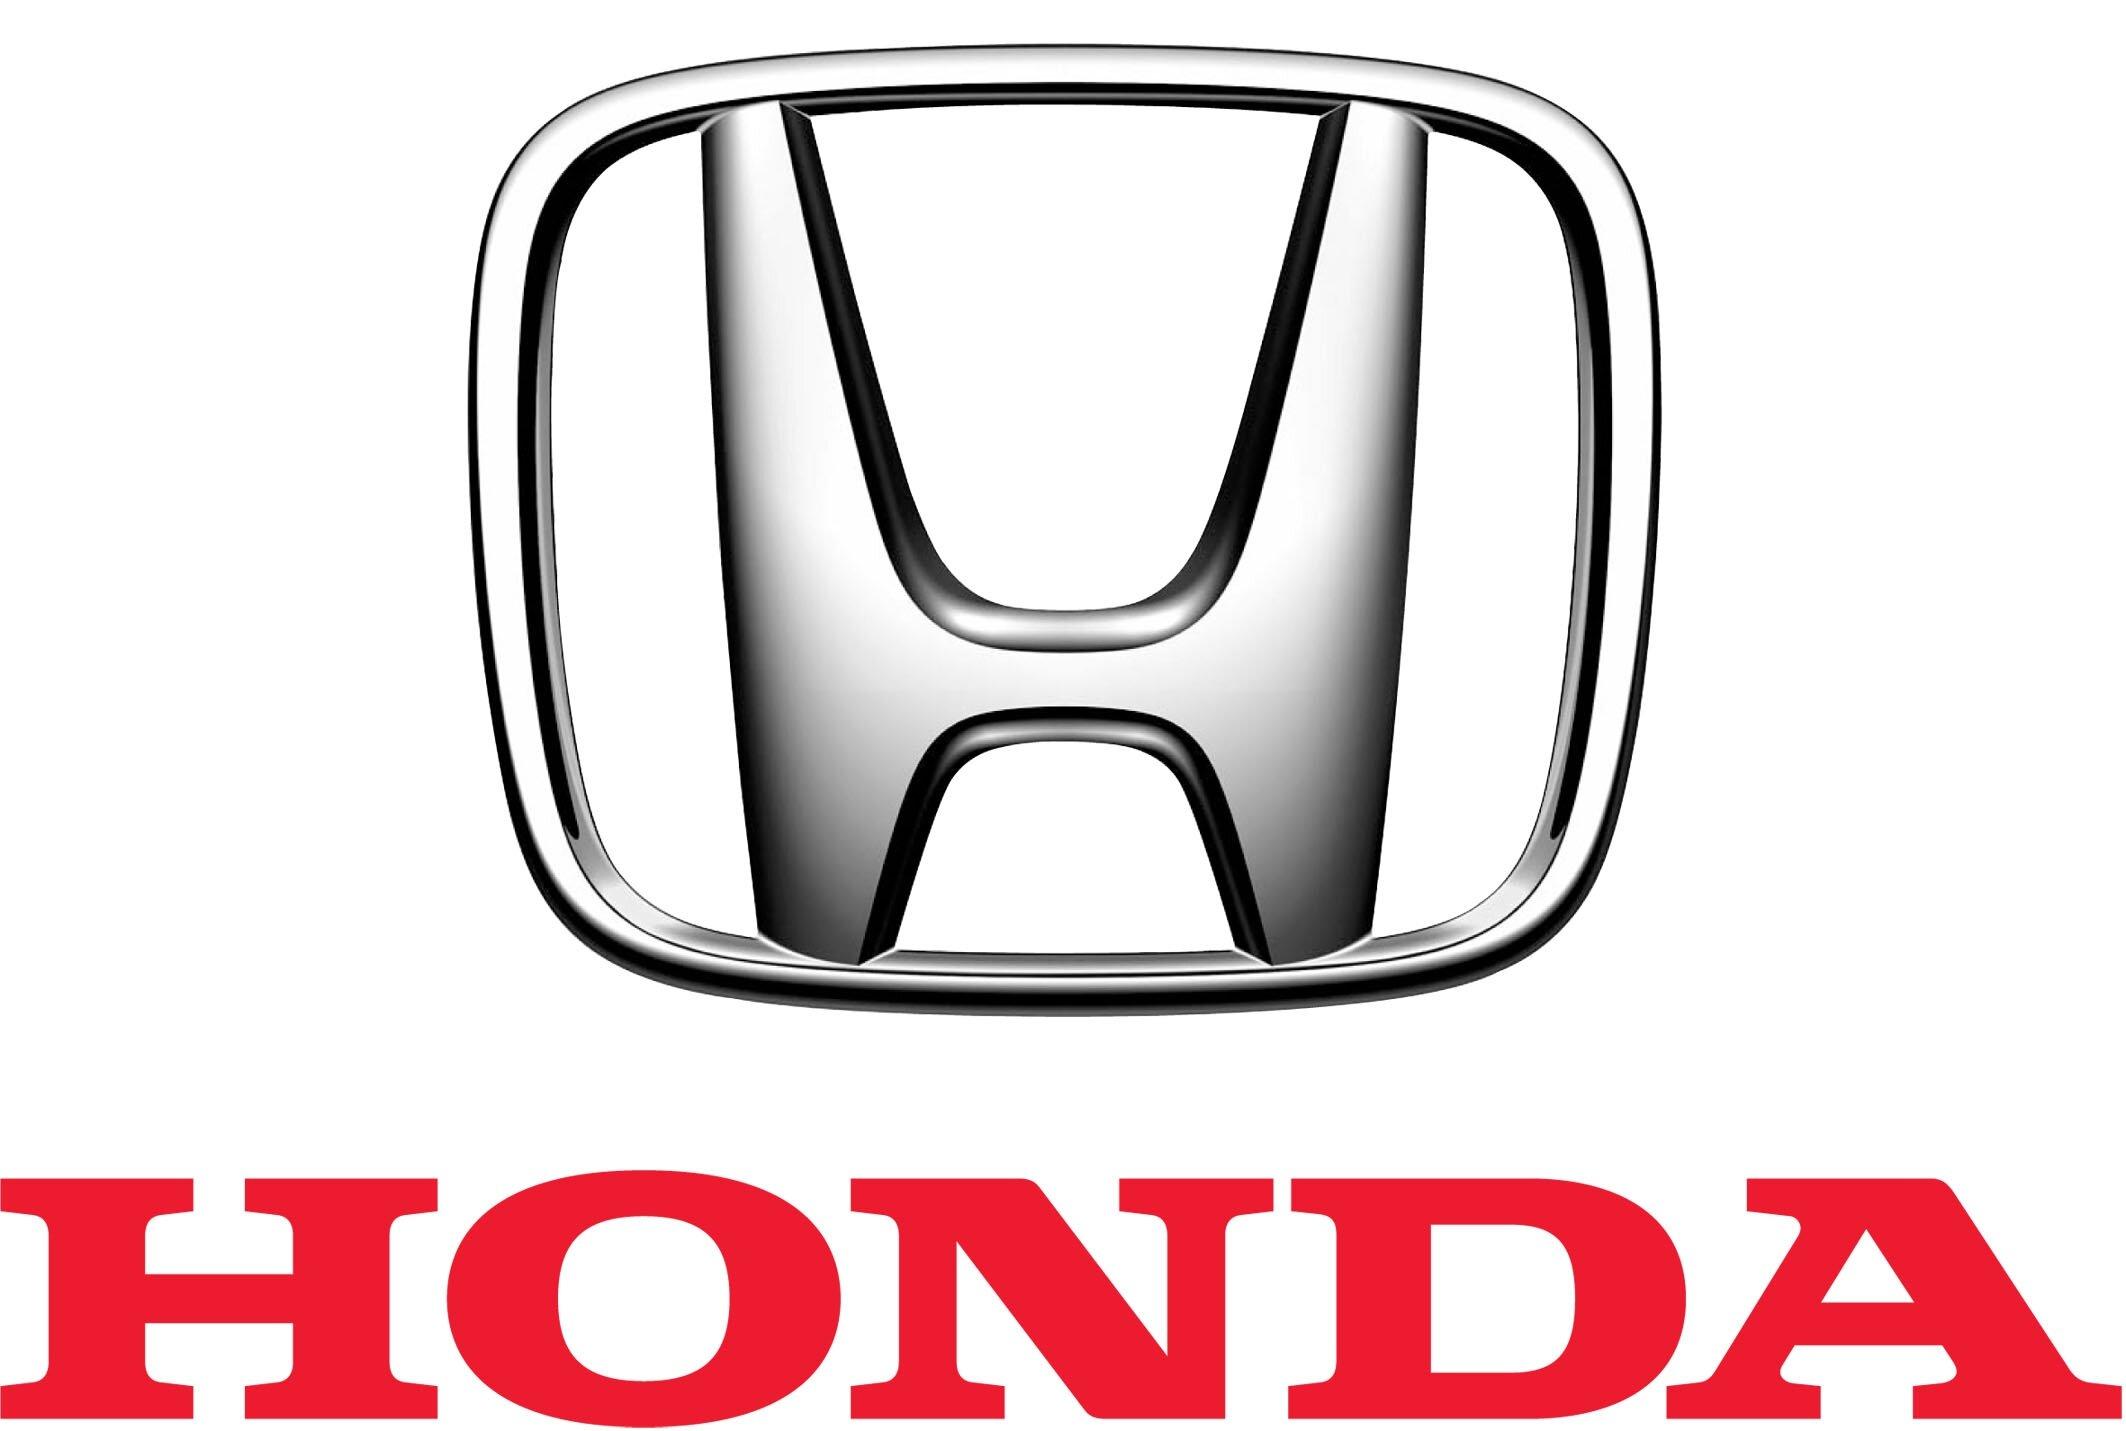 Bảng giá các loại lốp dành cho ô tô Honda cập nhật tháng 5/2015